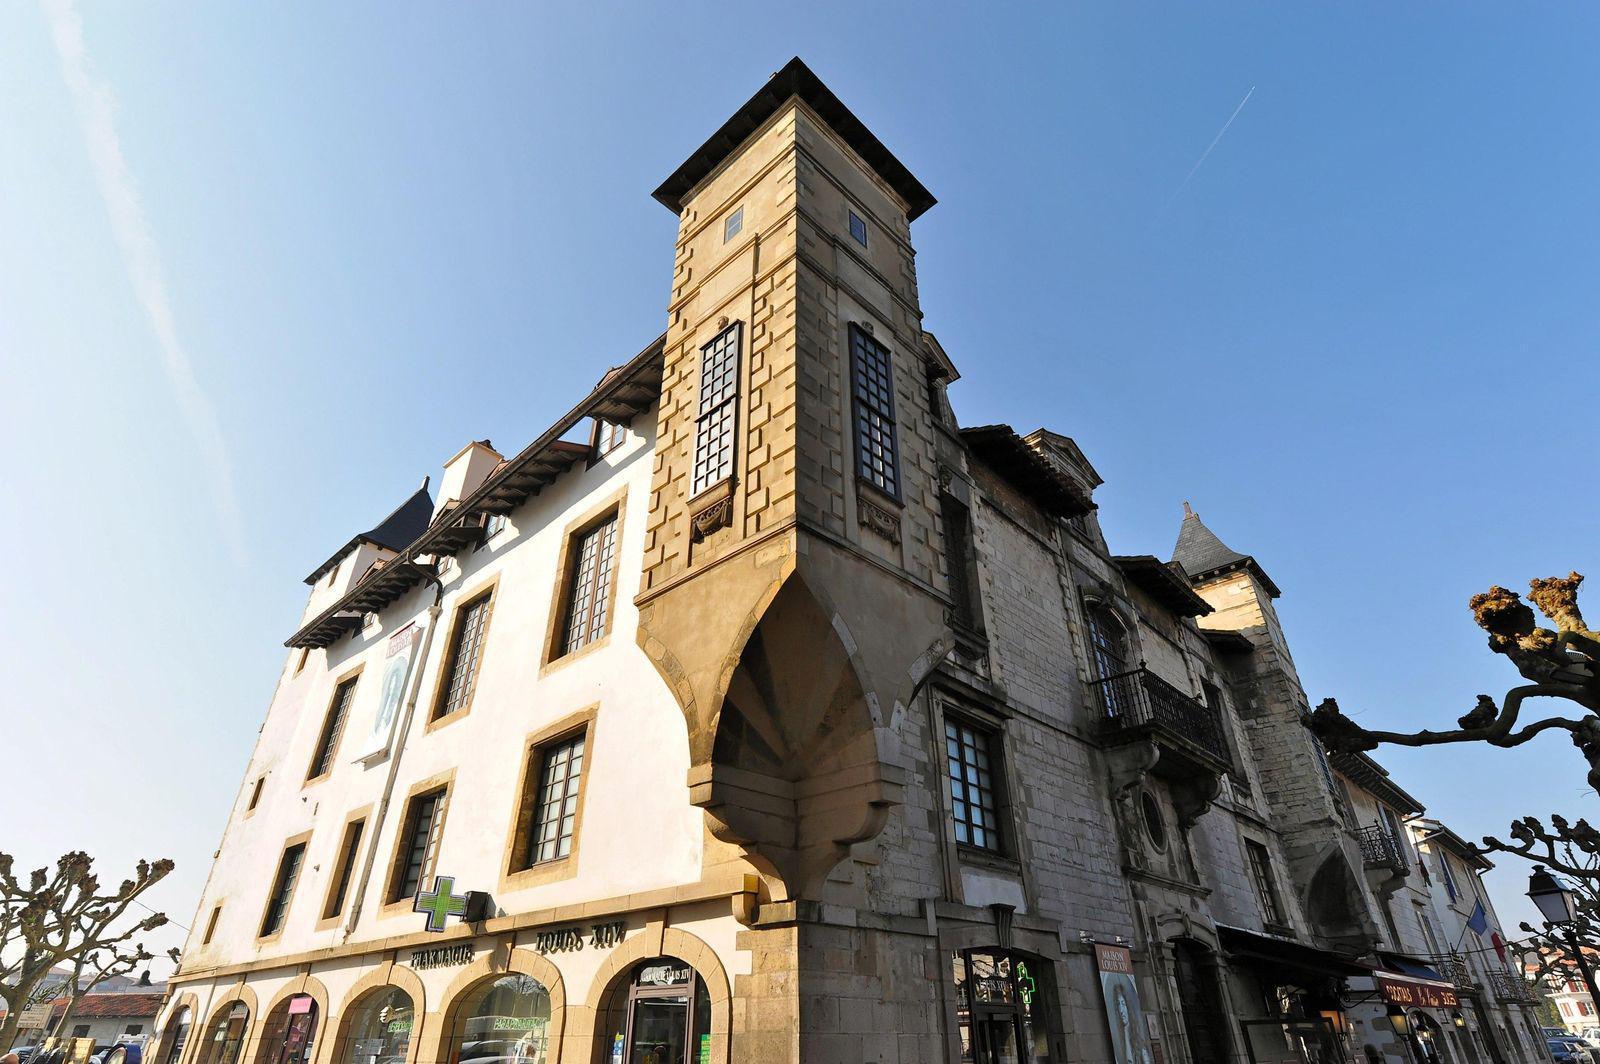 Maison Louis XIV_Saint-Jean-de-Luz